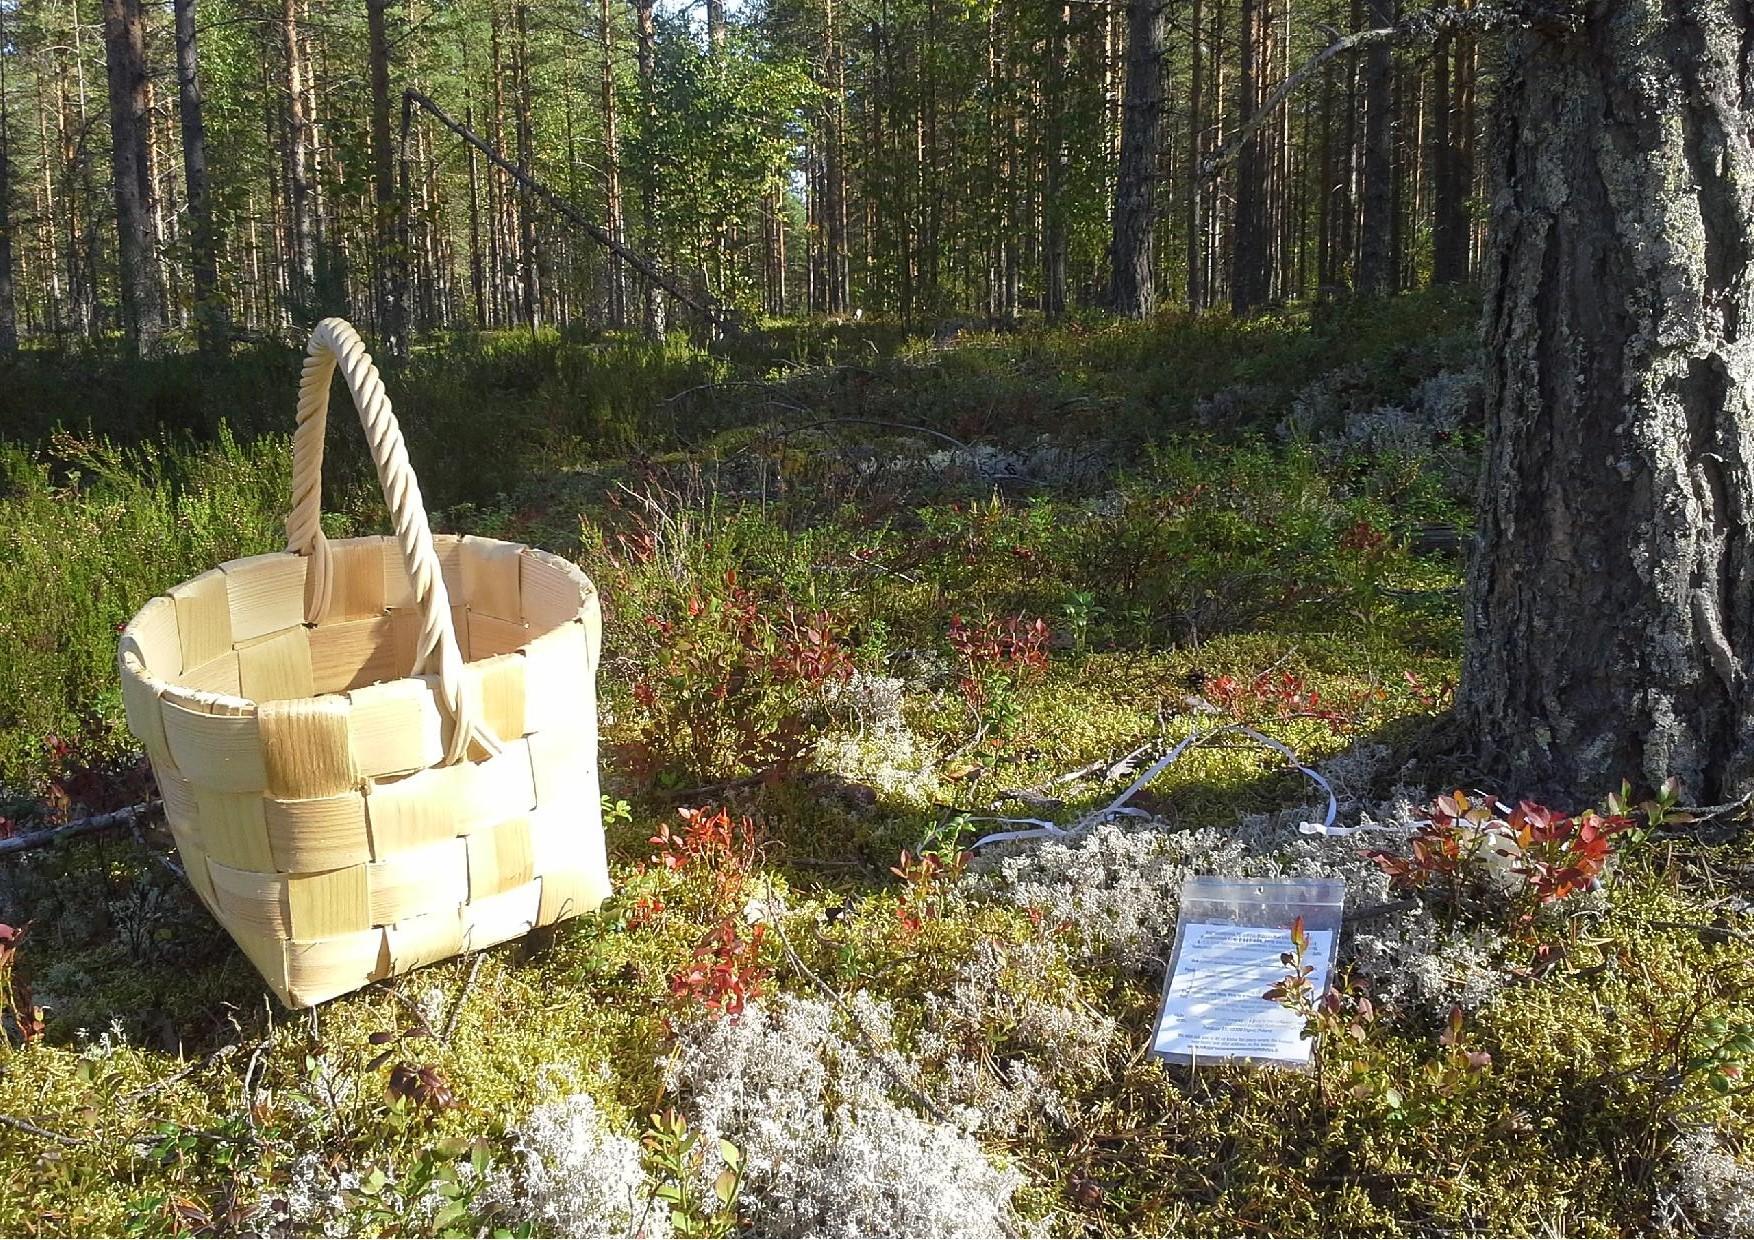 Sanna Laakkonen löysi ensimmäisen rauhanviesti ilmapallon 5.9.2014 klo 10.40.